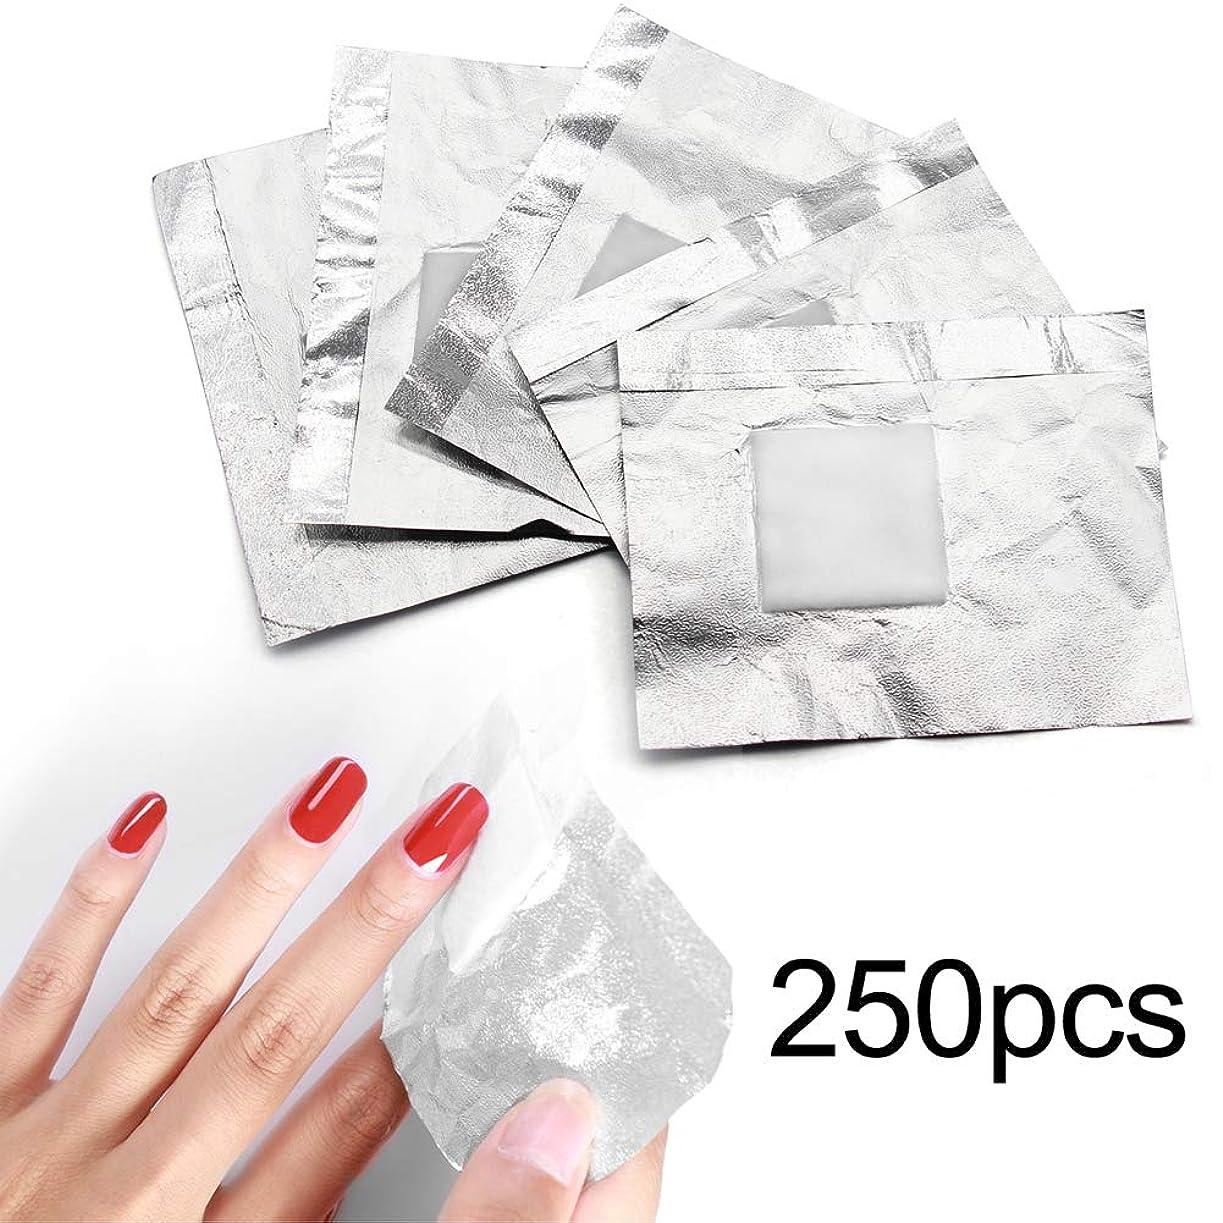 者ディスカウントエンターテインメント250pcs ネイルポリッシュをきれいにオフするコットン付きアルミホイル/きれいな爪